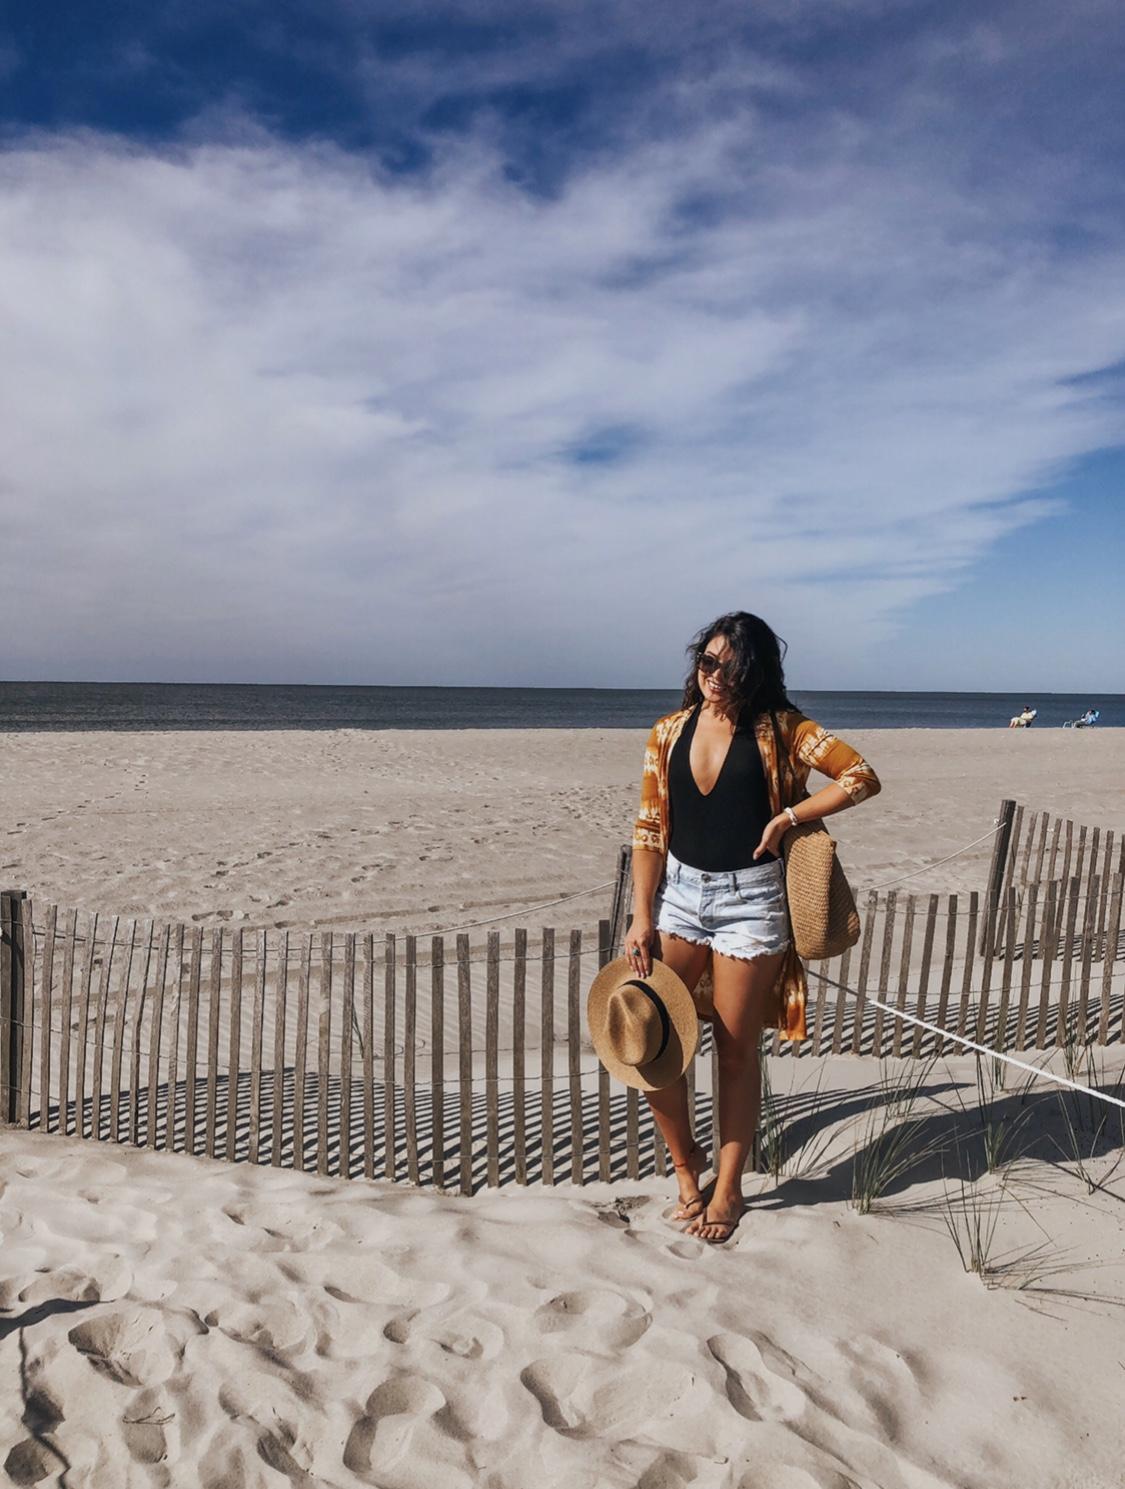 nc blogger, nc pbotographer, lifestyle blogger, xo Samantha Brooke, beach style, boho style, nc